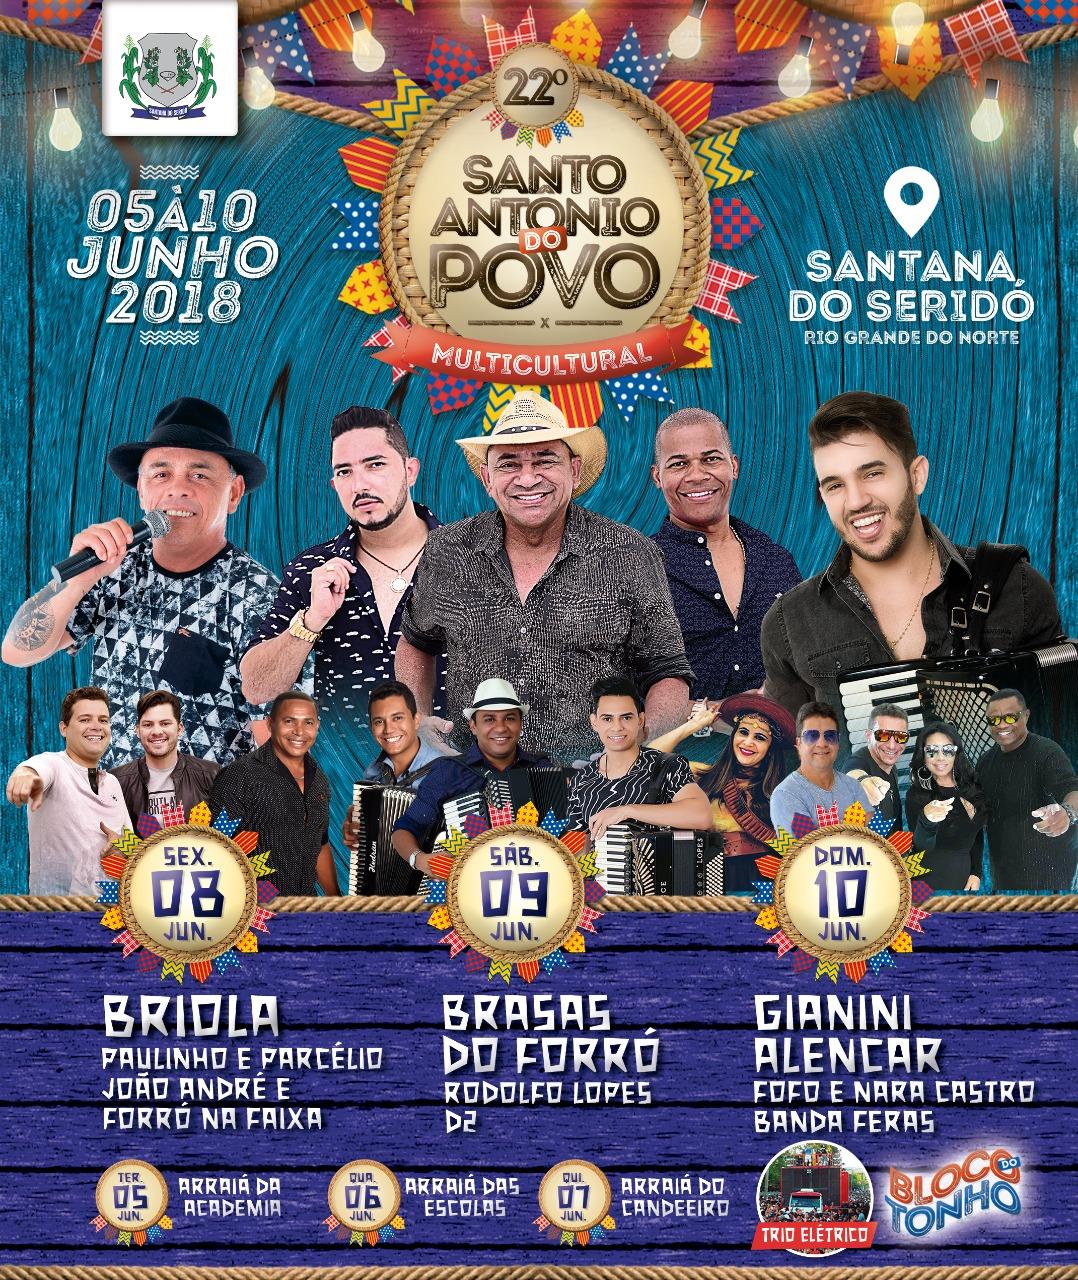 22º SANTO ANTÔNIO DO POVO DE 05 Á 10 DE JUNHO!